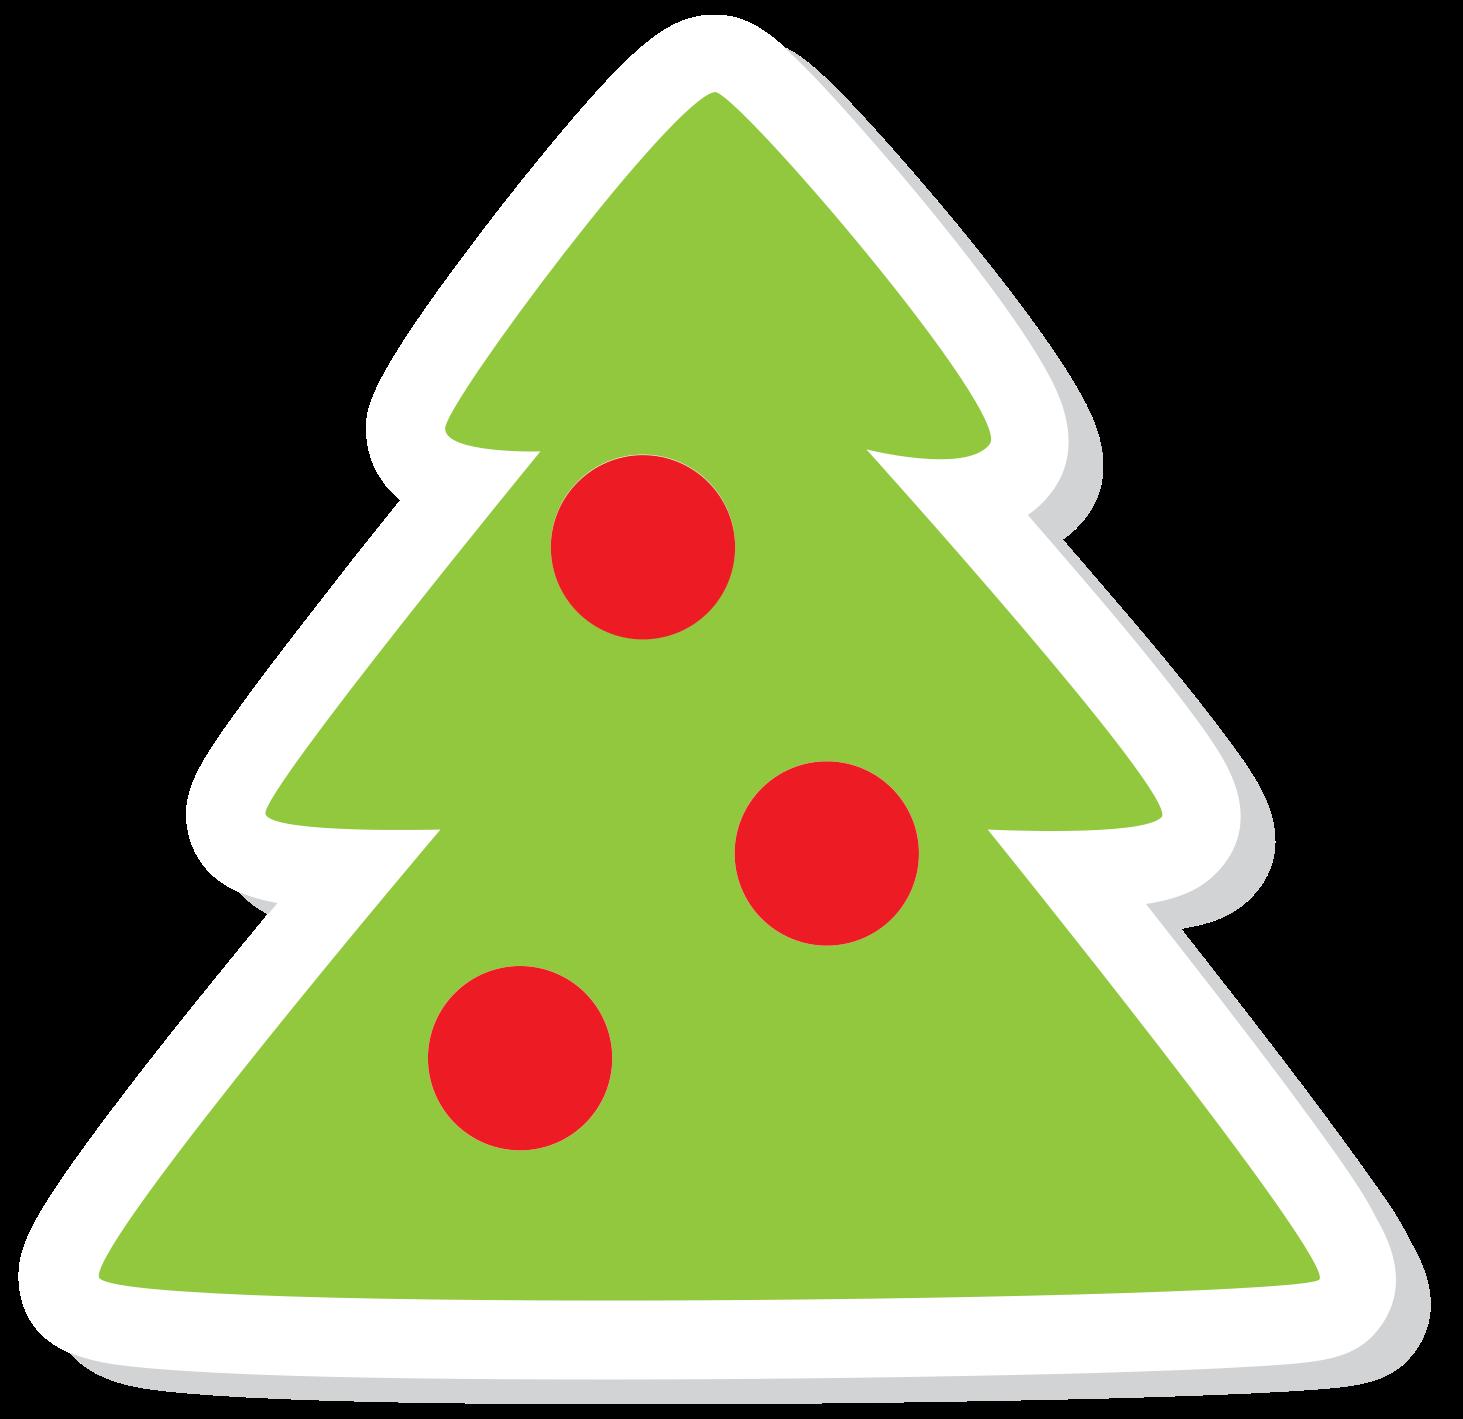 聖誕節素材